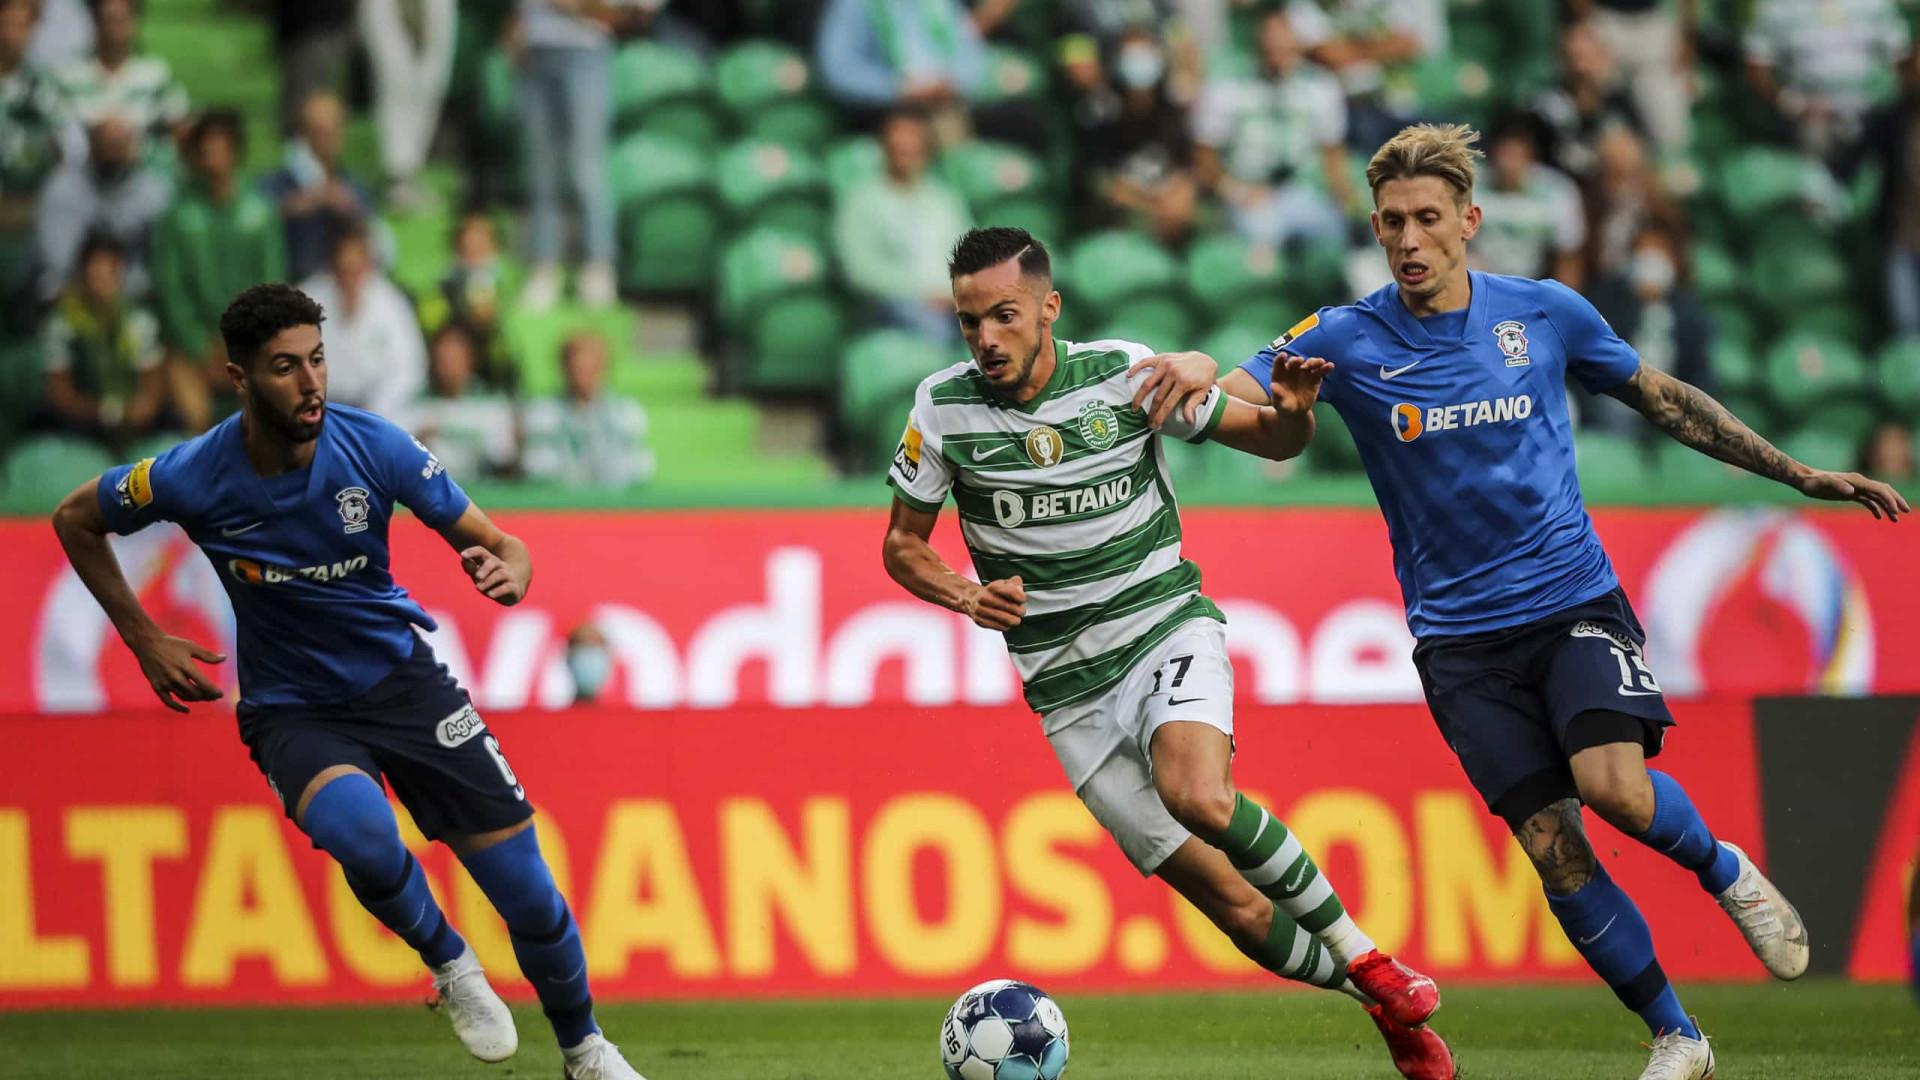 Penálti na compensação dá vitória ao Sporting sobre o Marítimo